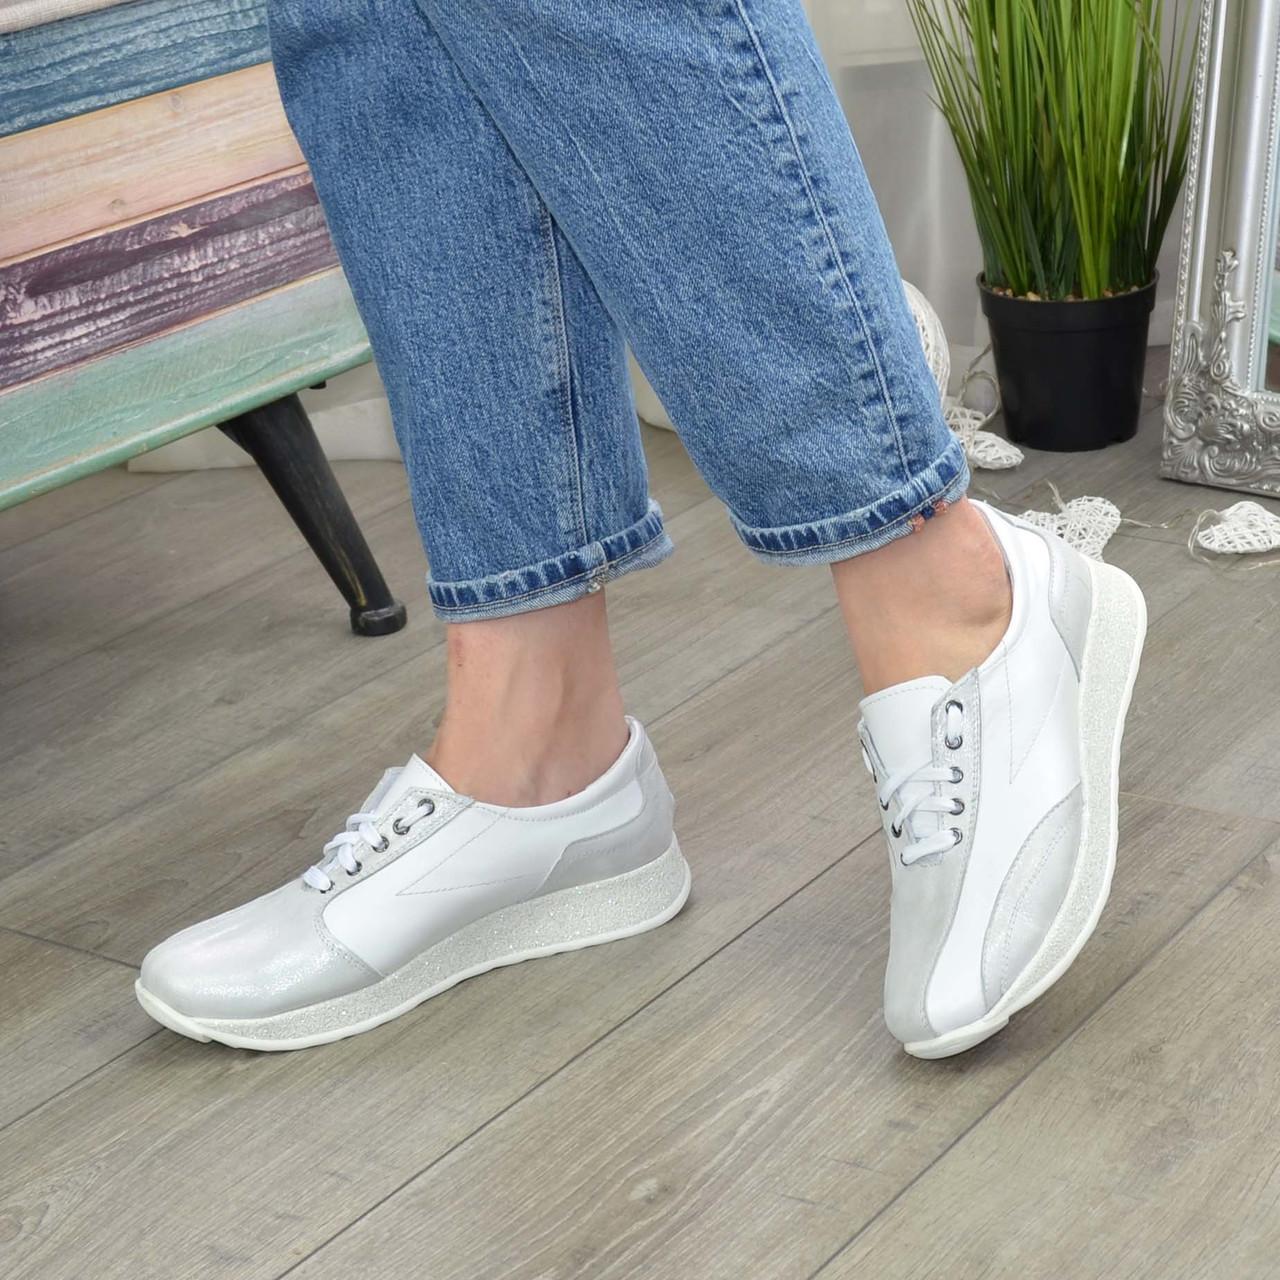 Кроссовки женские кожаные на шнурках, цвет белый